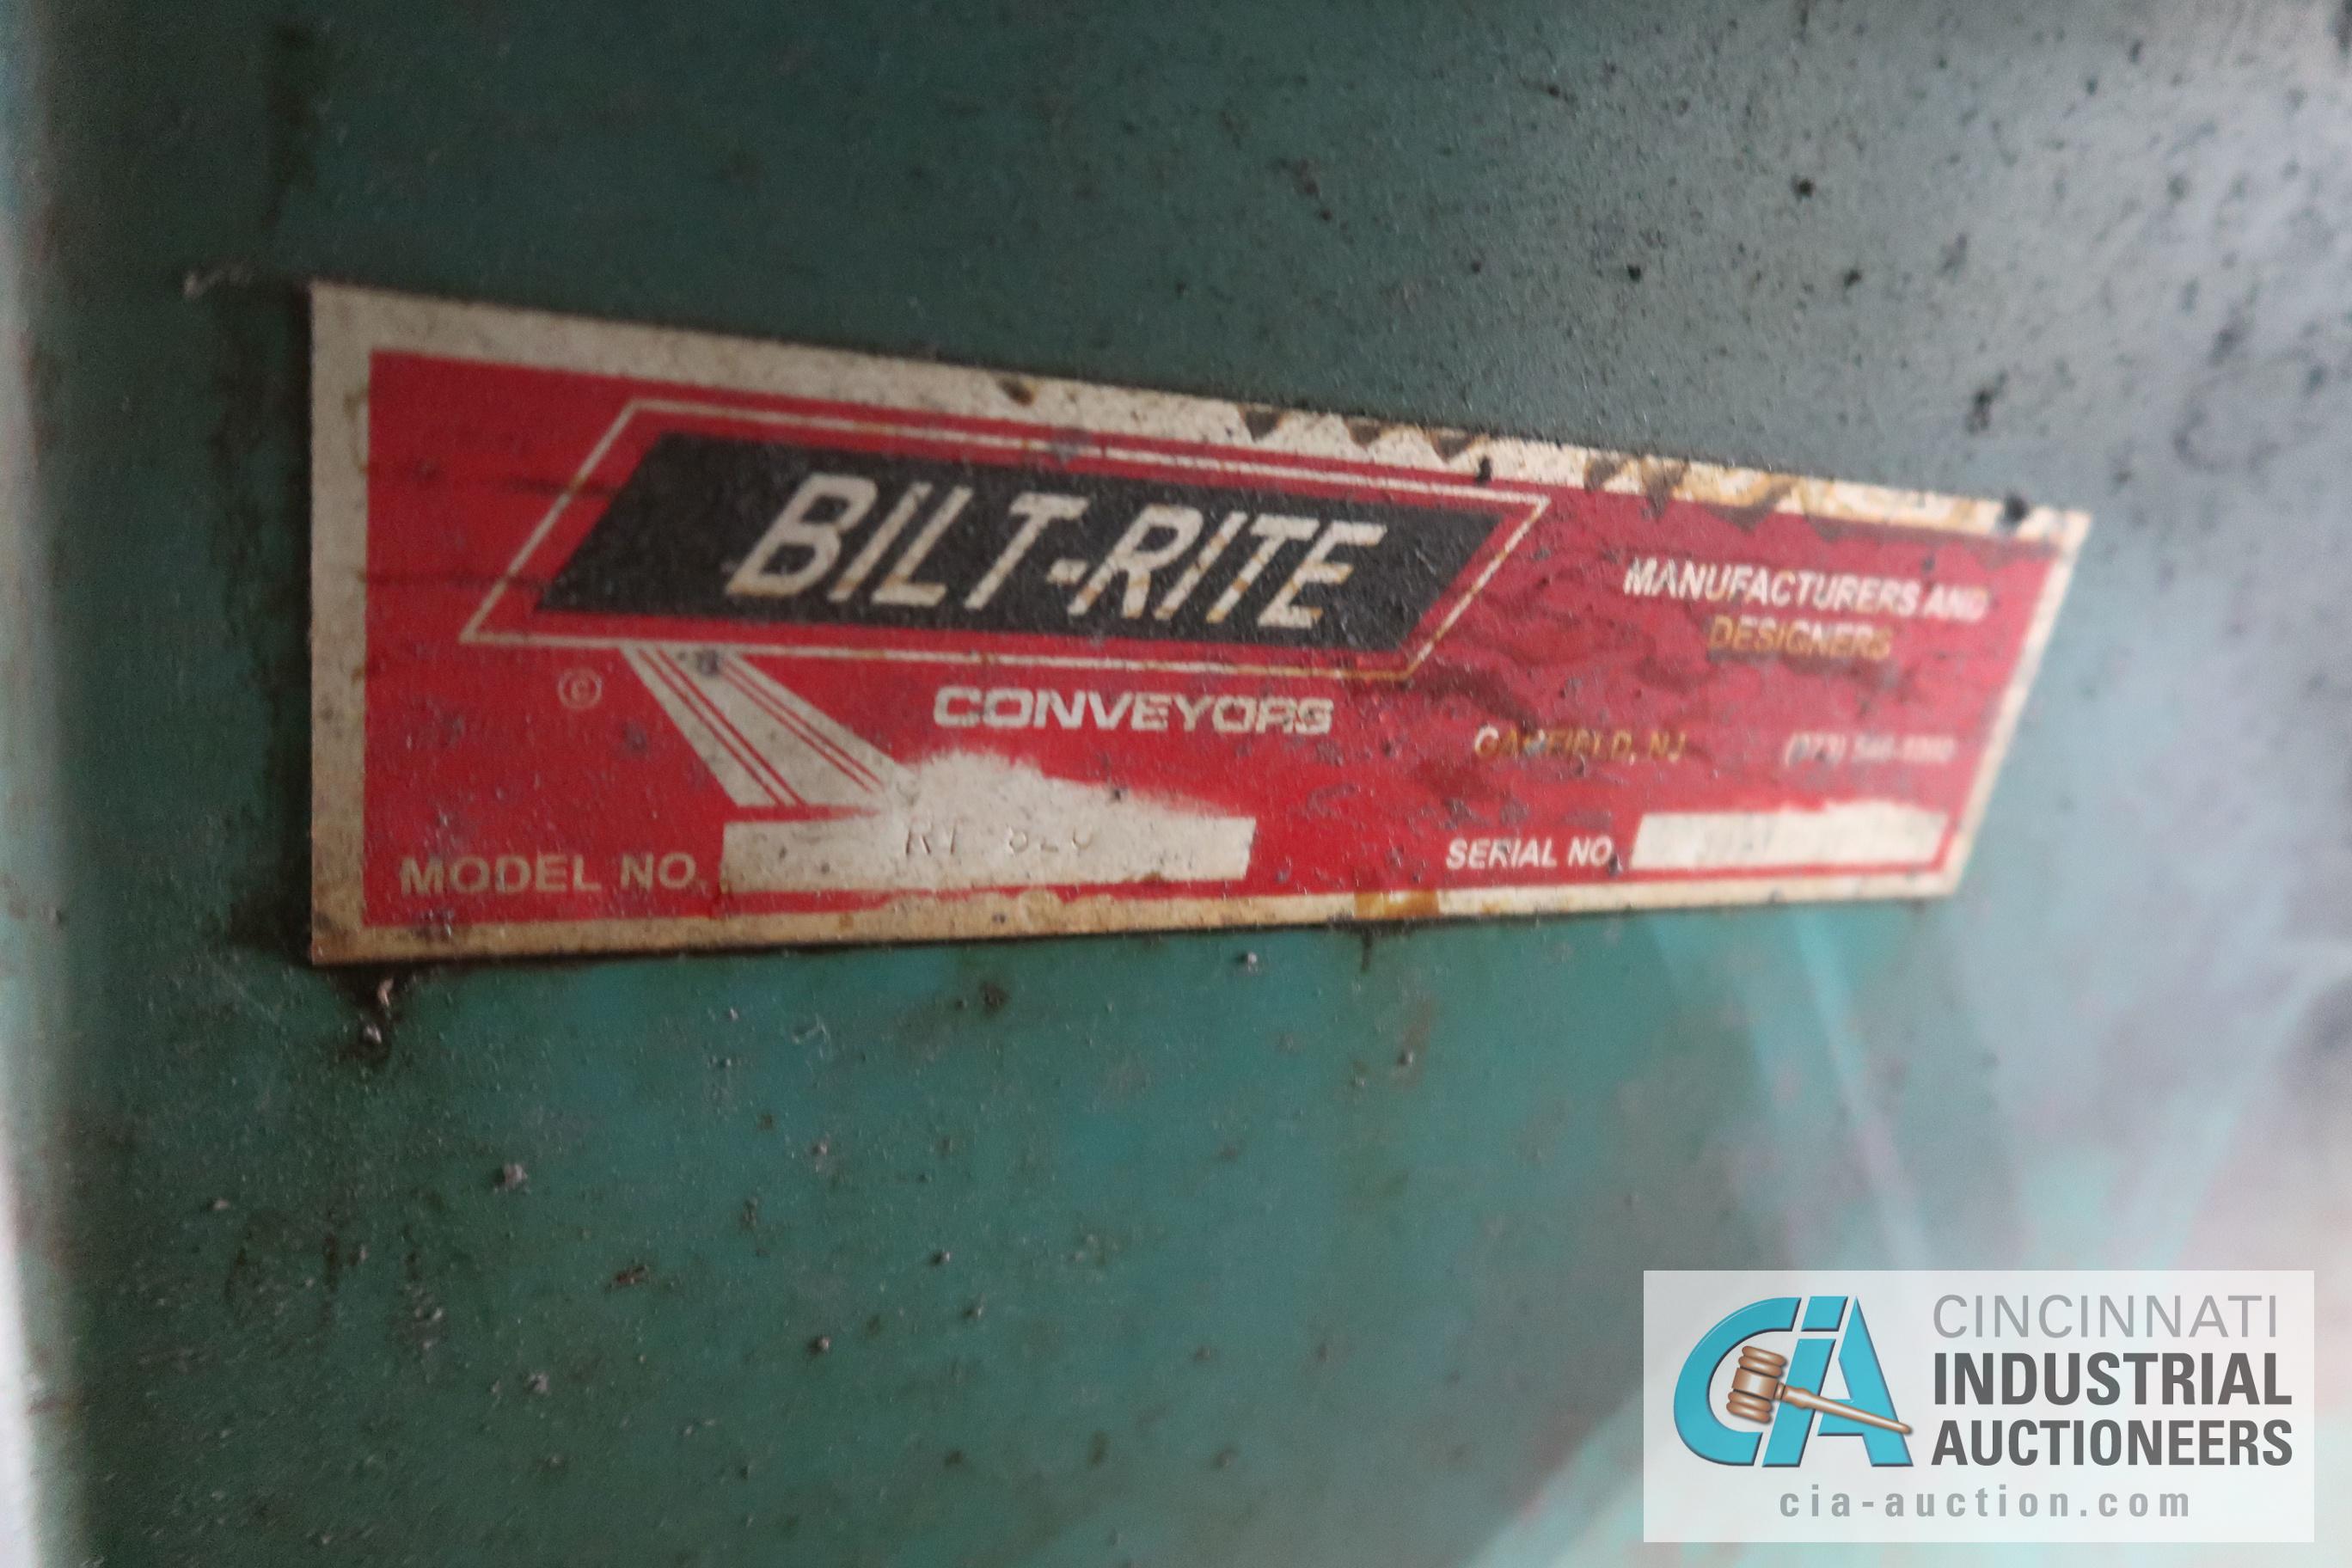 """48"""" DIAMETER BILT-RITE MODEL RT820 FLOOR TURN TABLE; S/N 32209 - Image 2 of 2"""